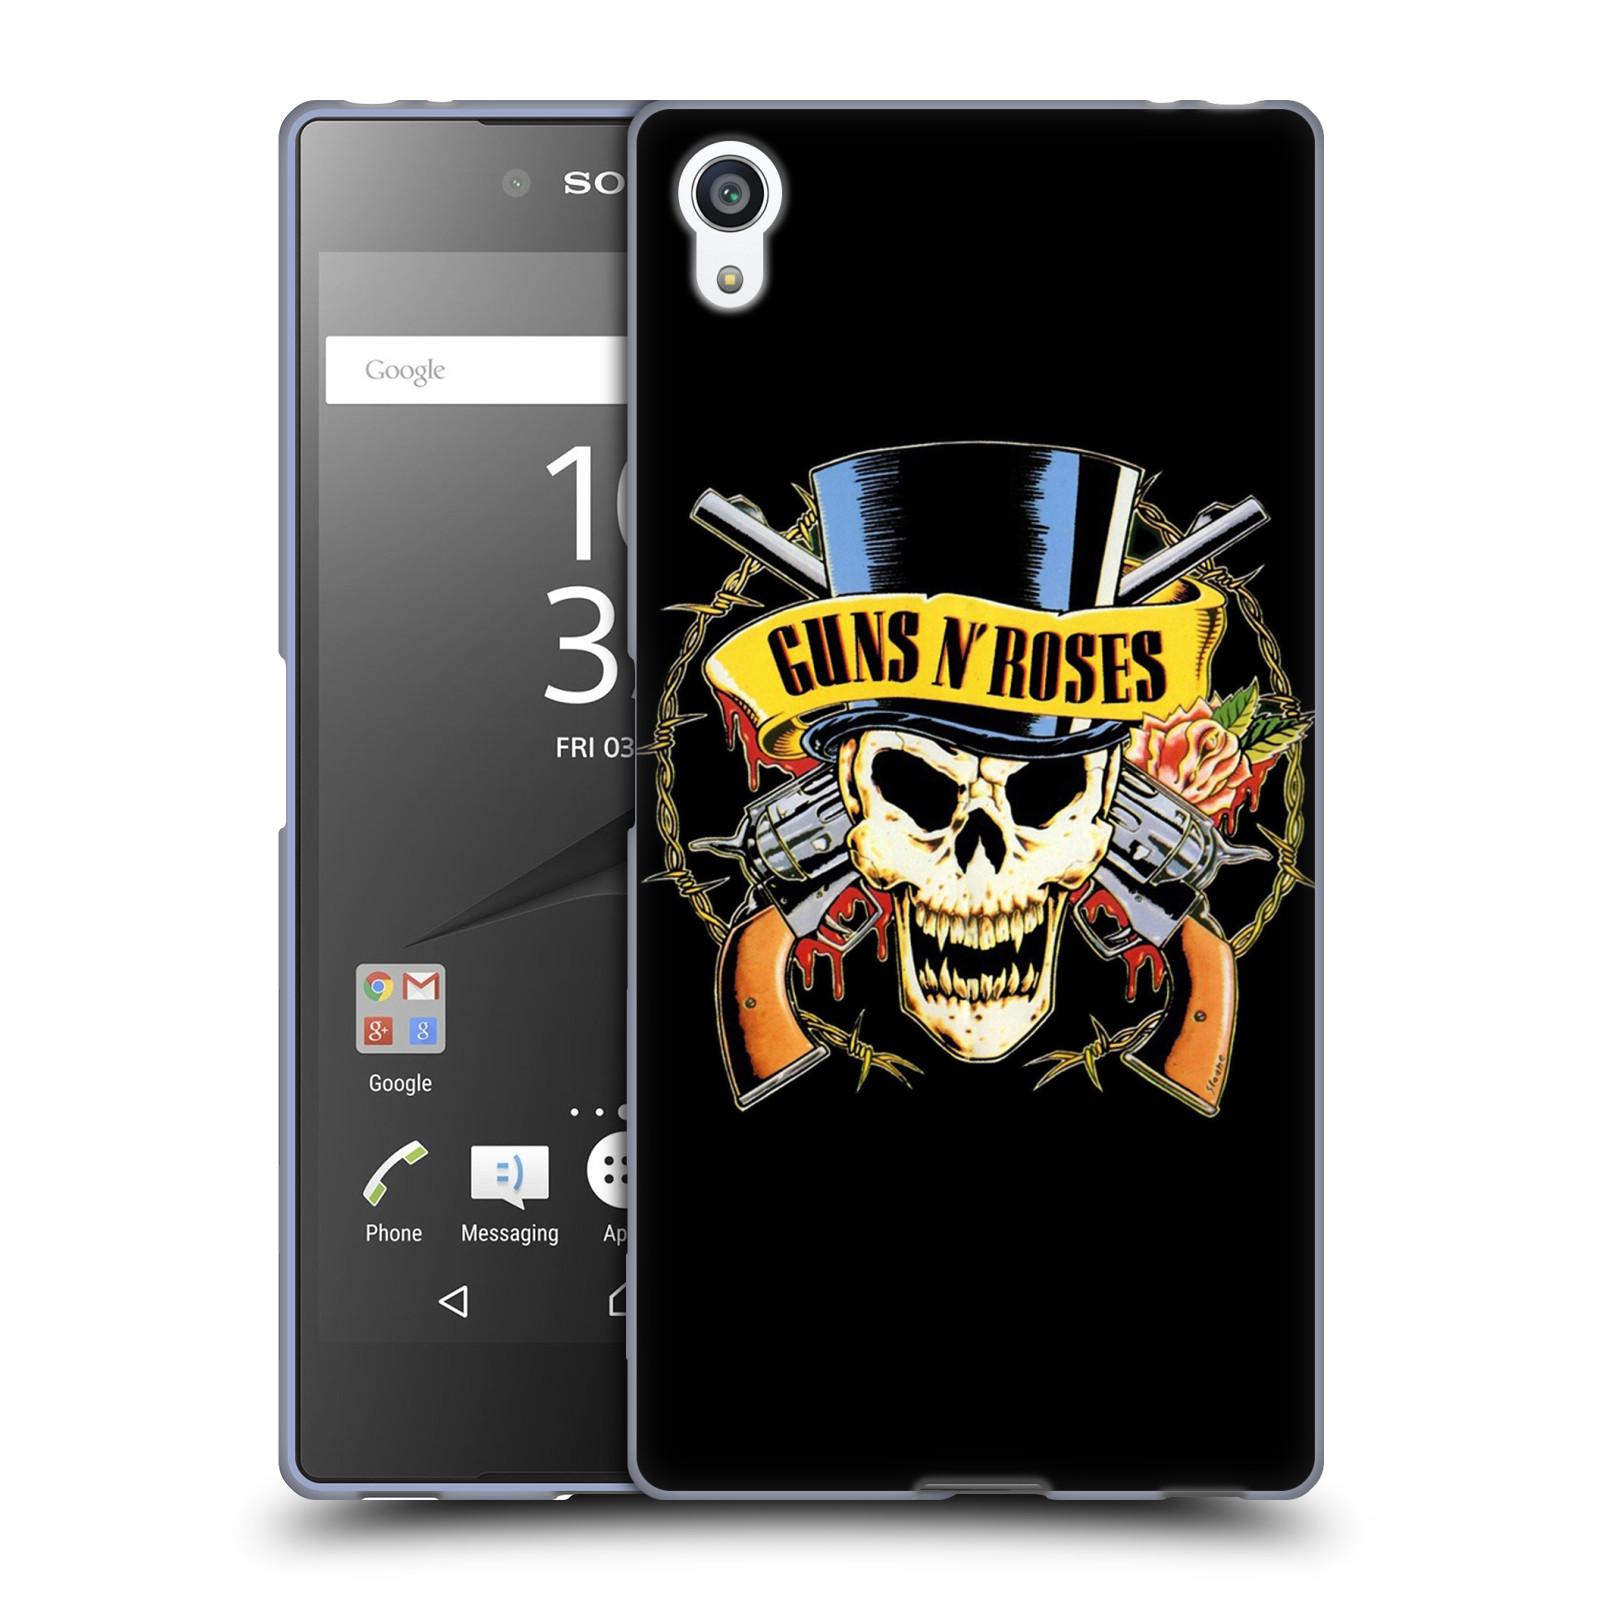 Silikonové pouzdro na mobil Sony Xperia Z5 Premium HEAD CASE Guns N' Roses - Lebka